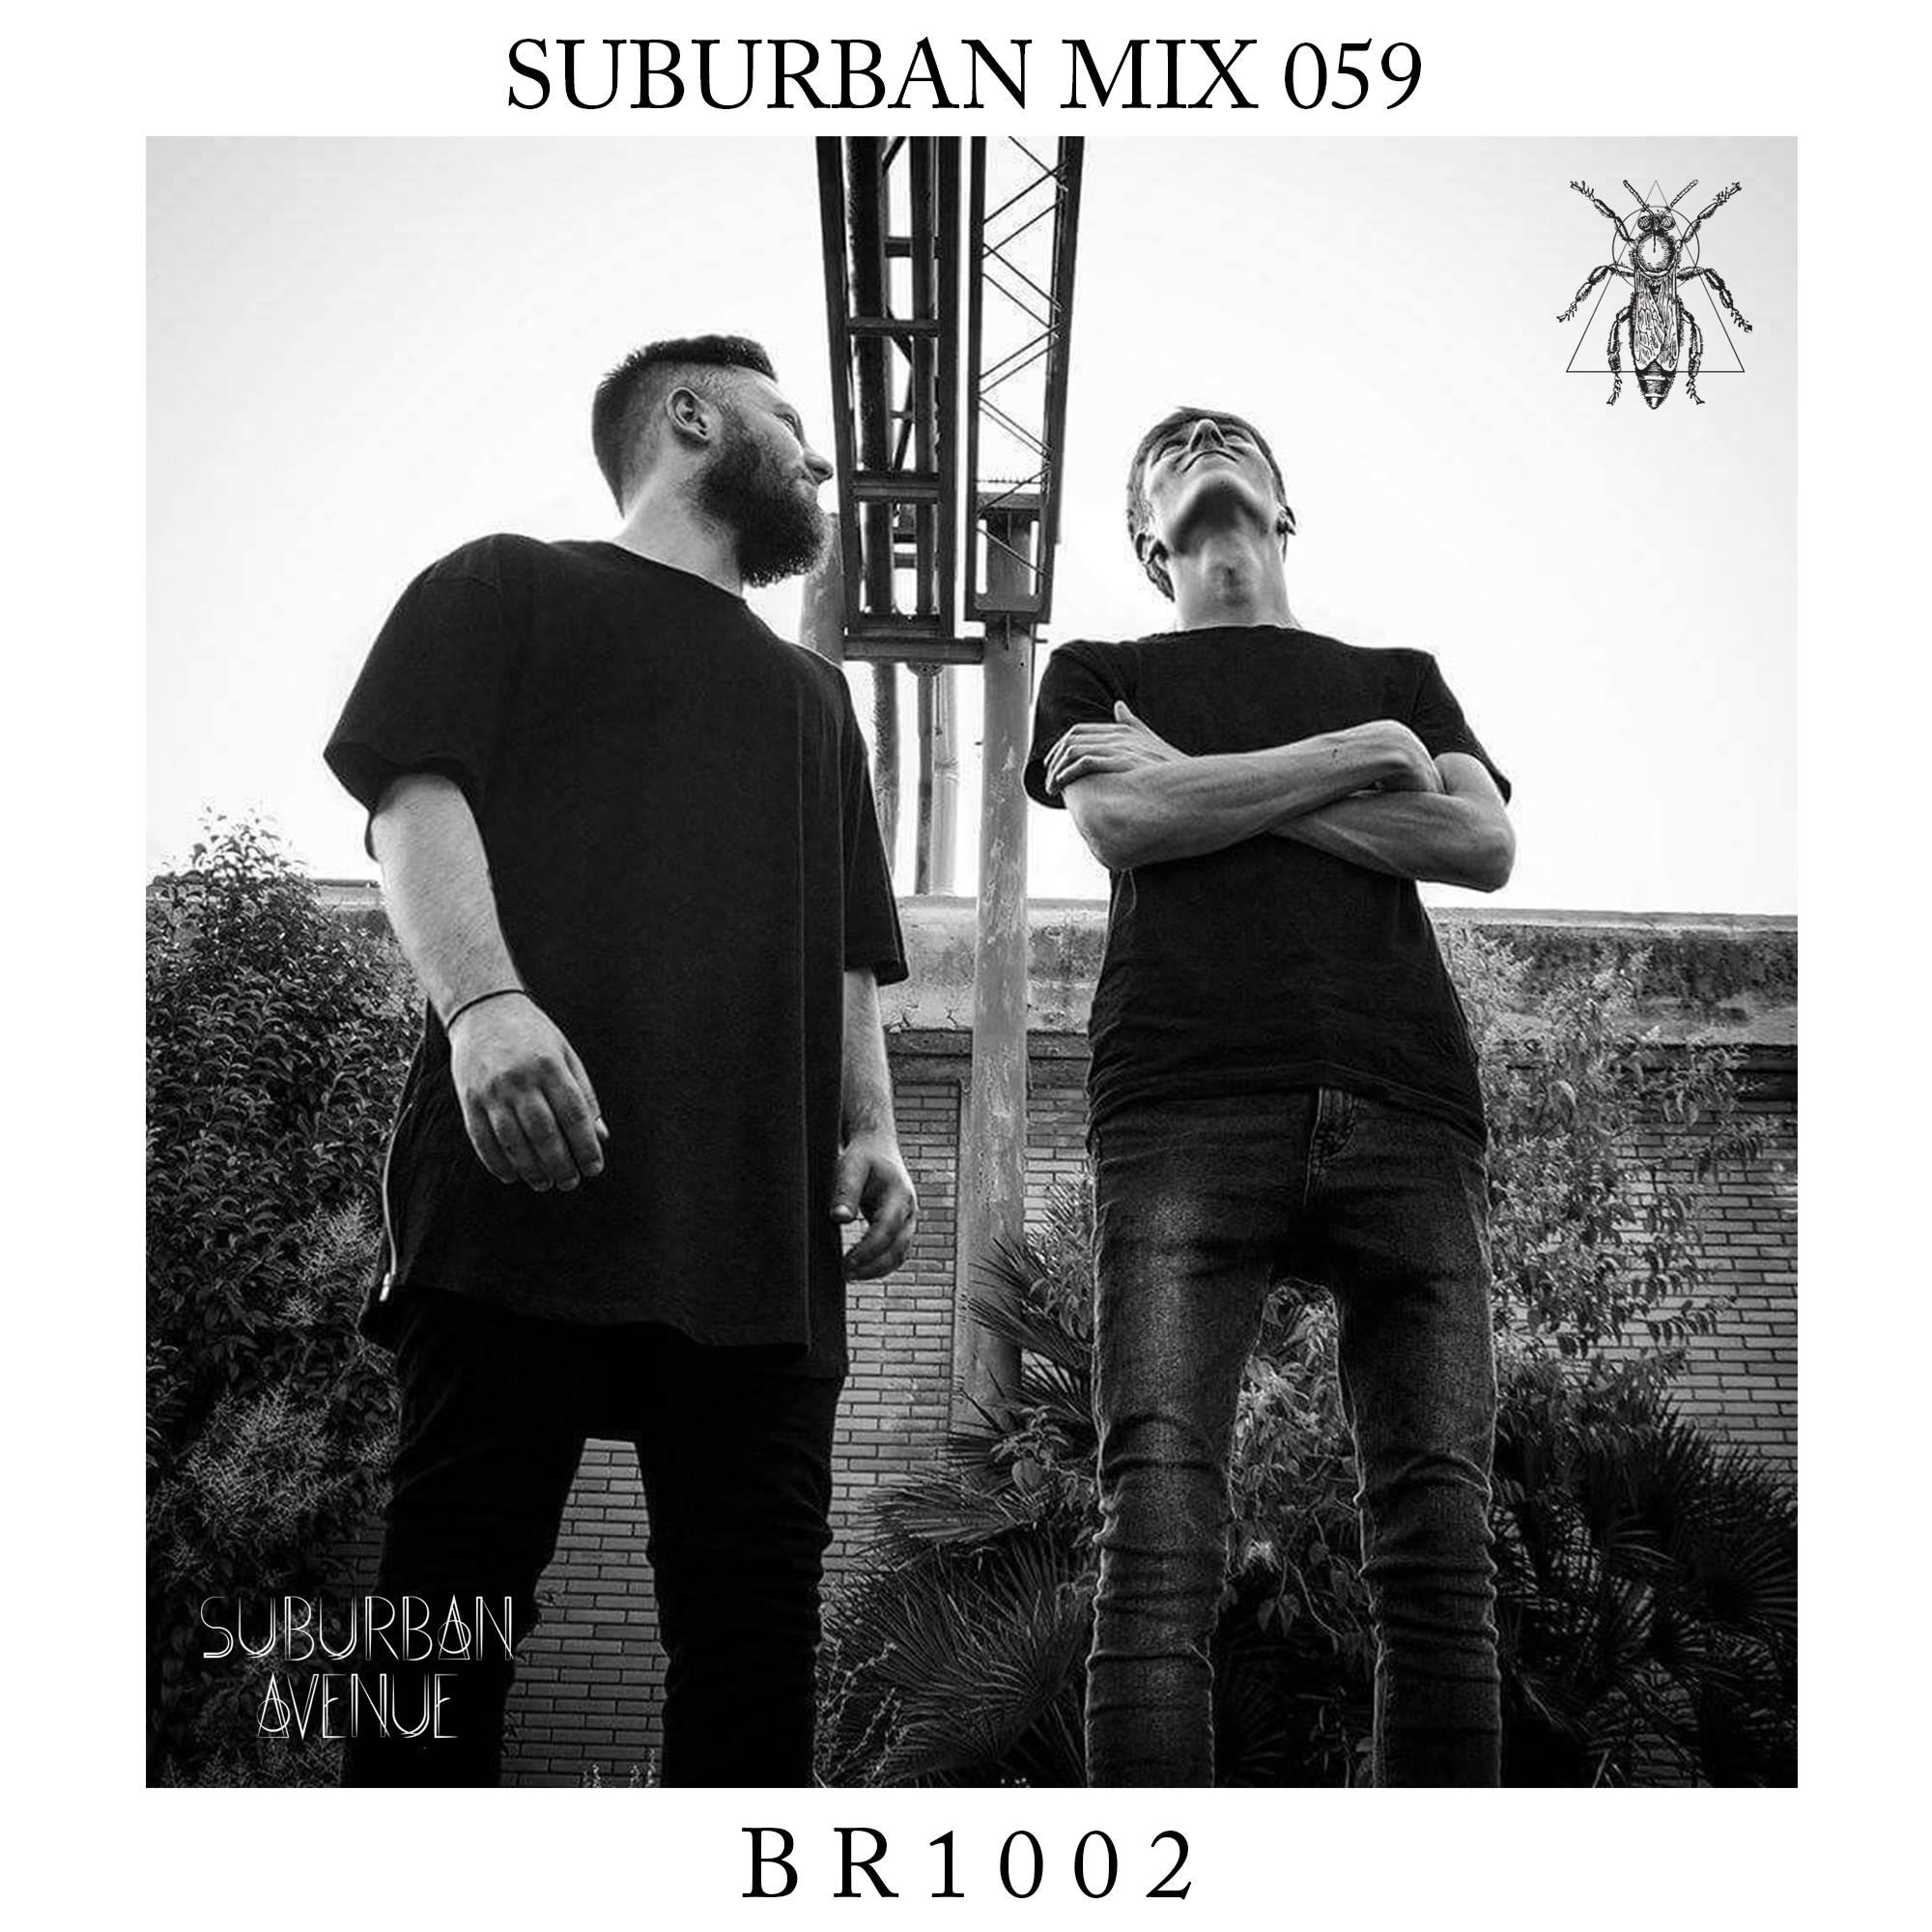 Suburban Mix 059 - B R 1 0 0 2